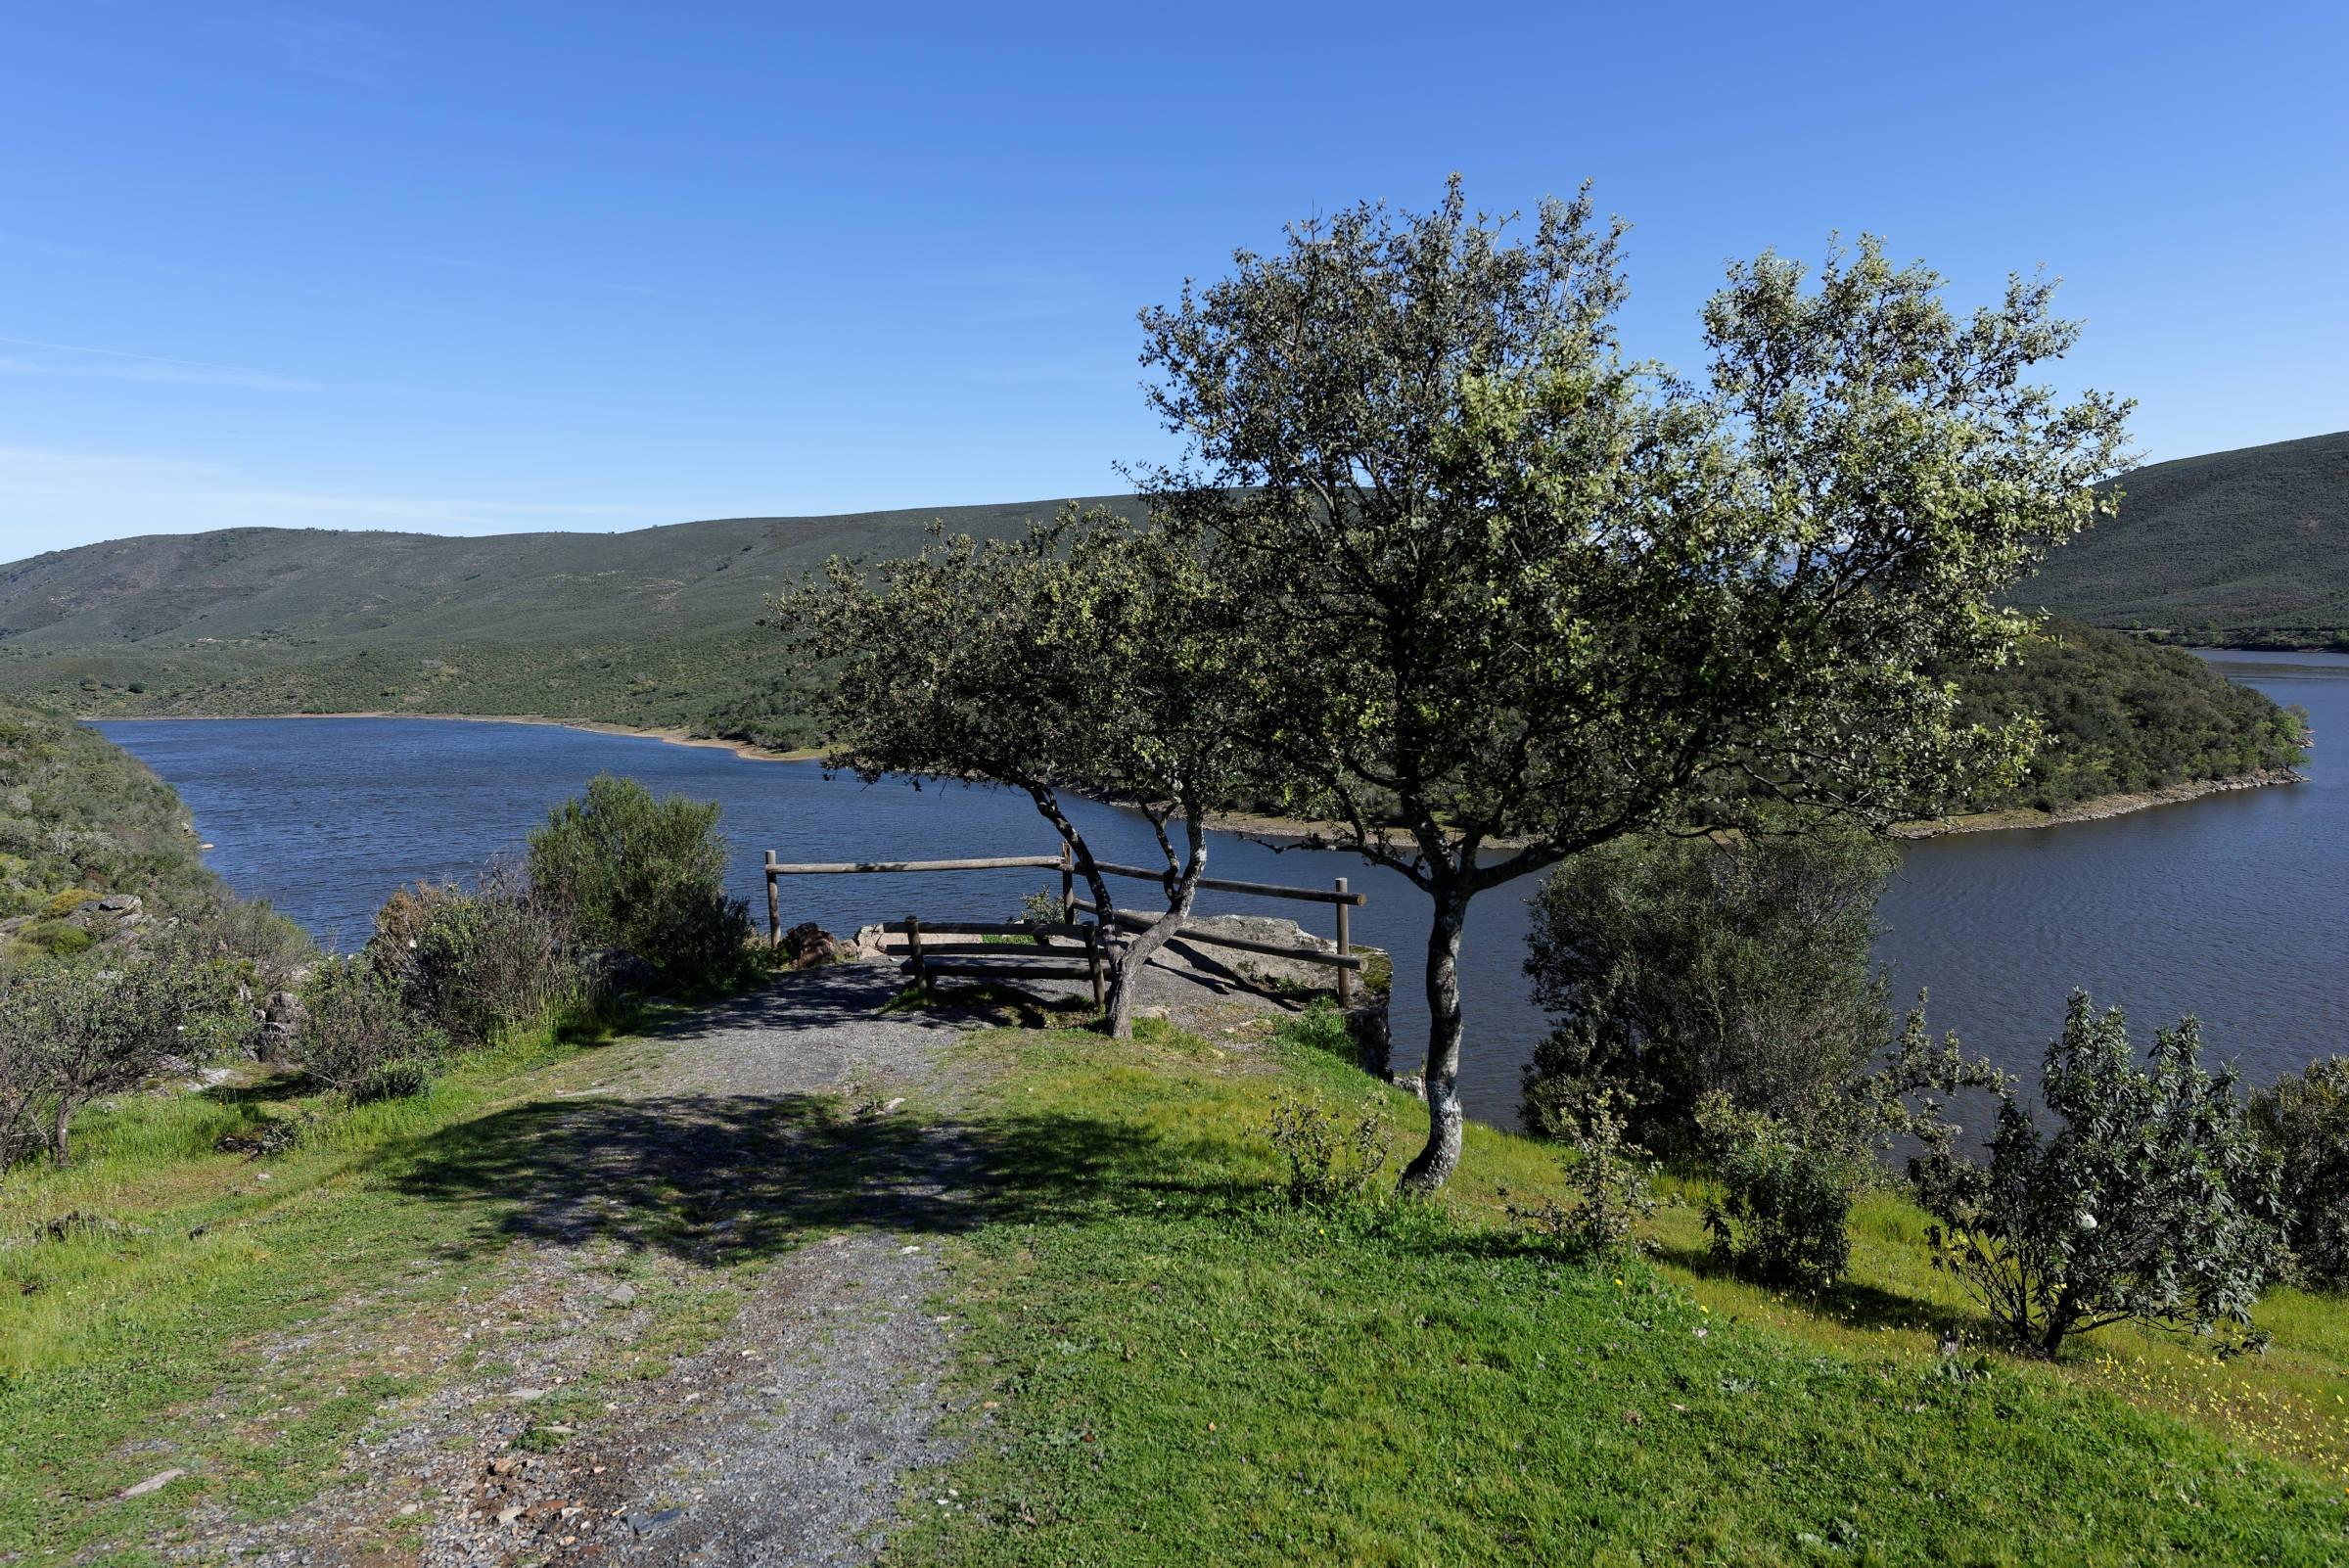 160405-parc national de monfrague (Estremadure) (134)